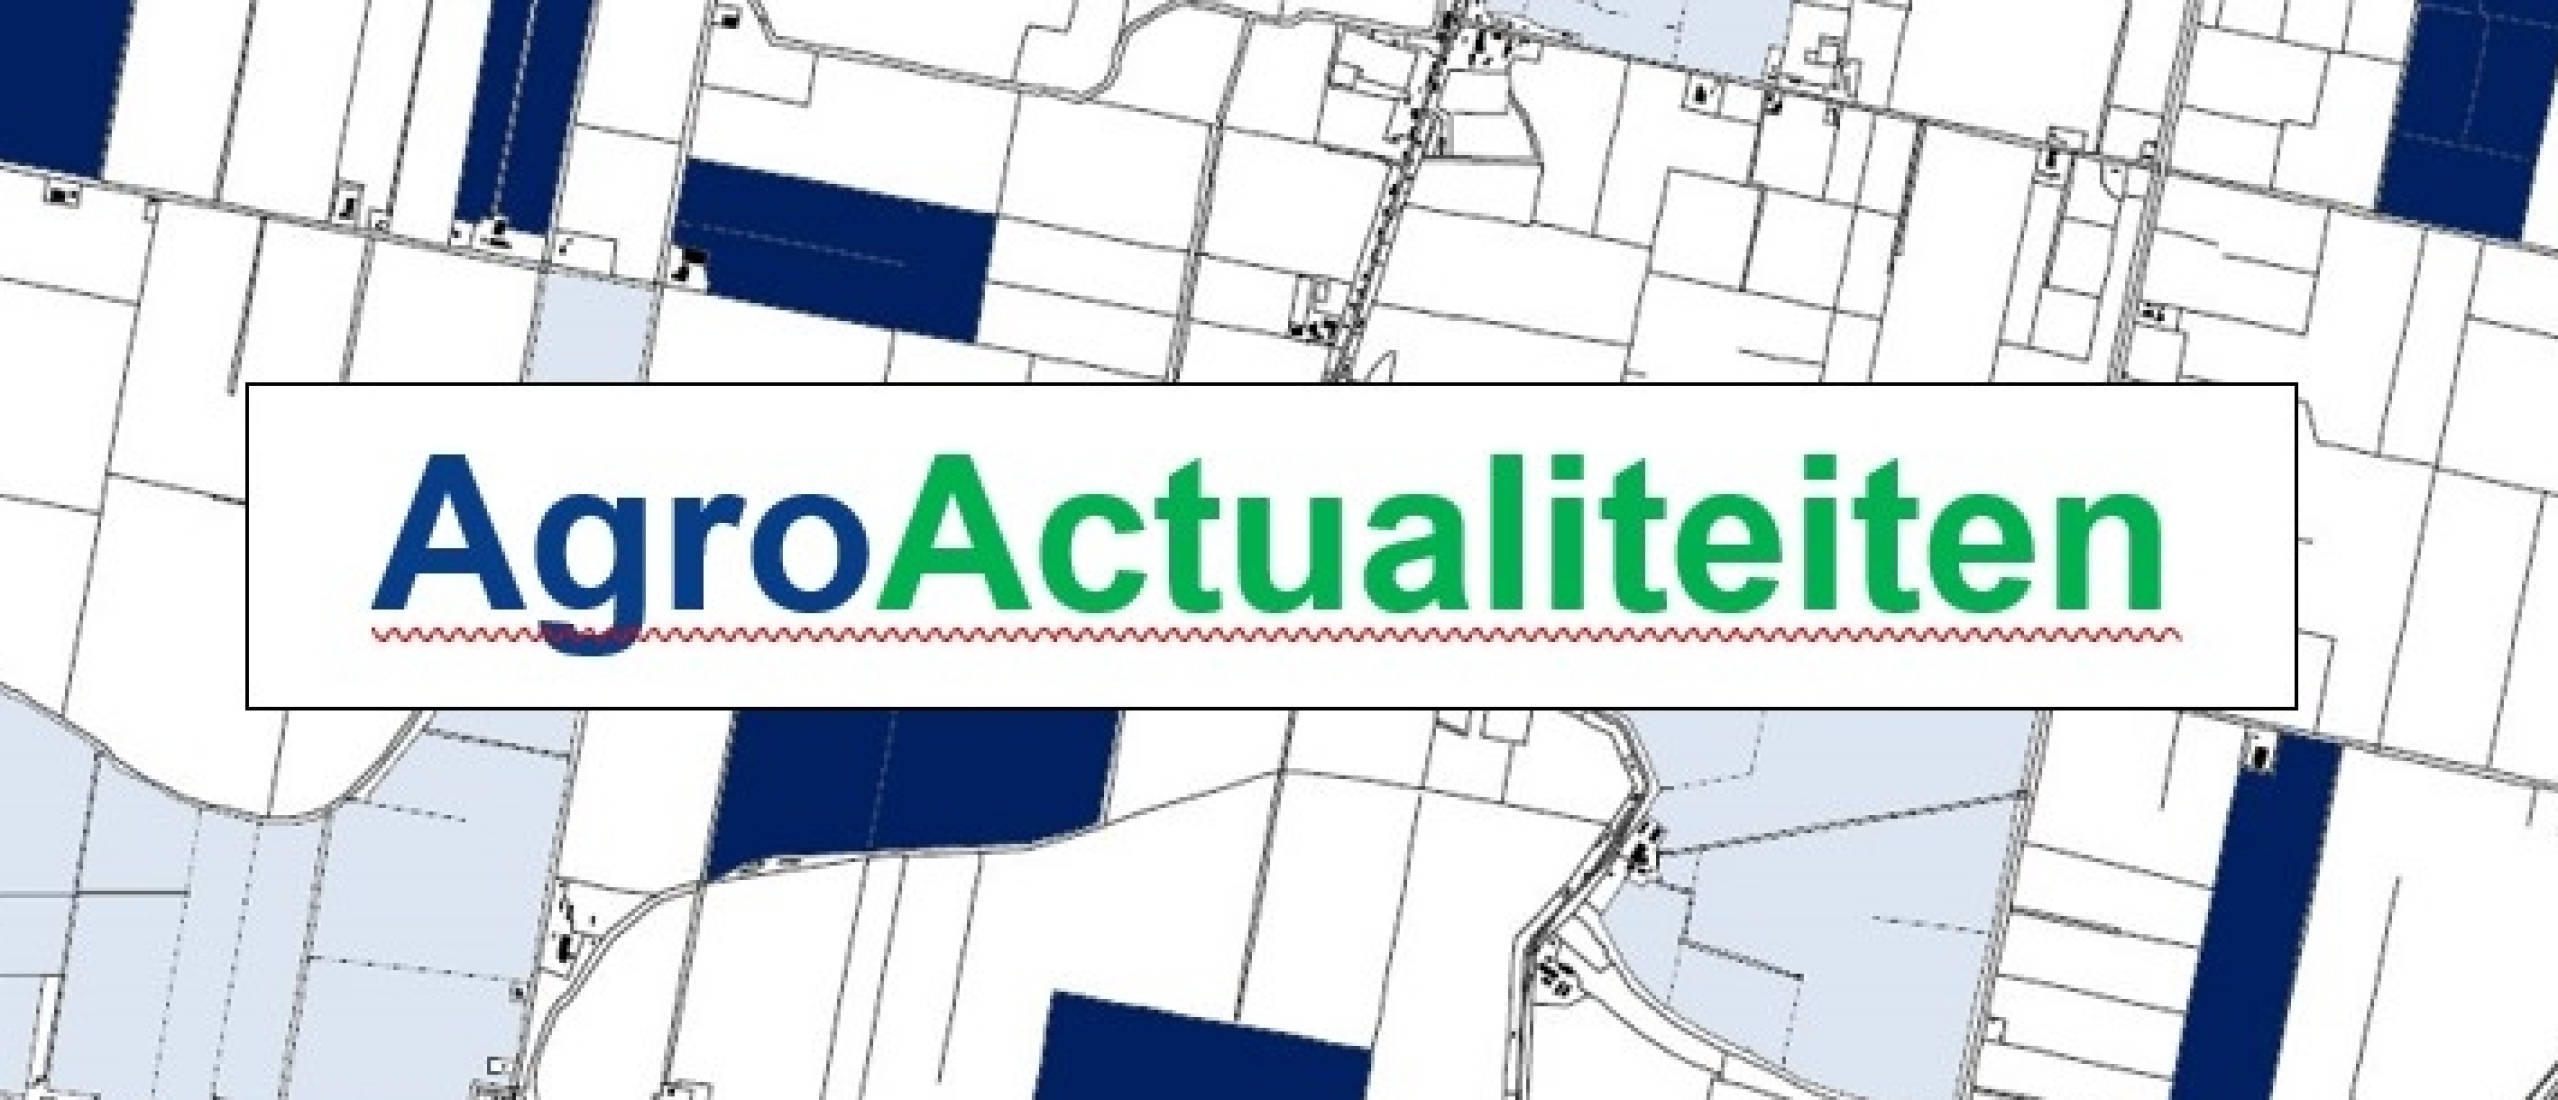 Agroactualiteiten juni 2021